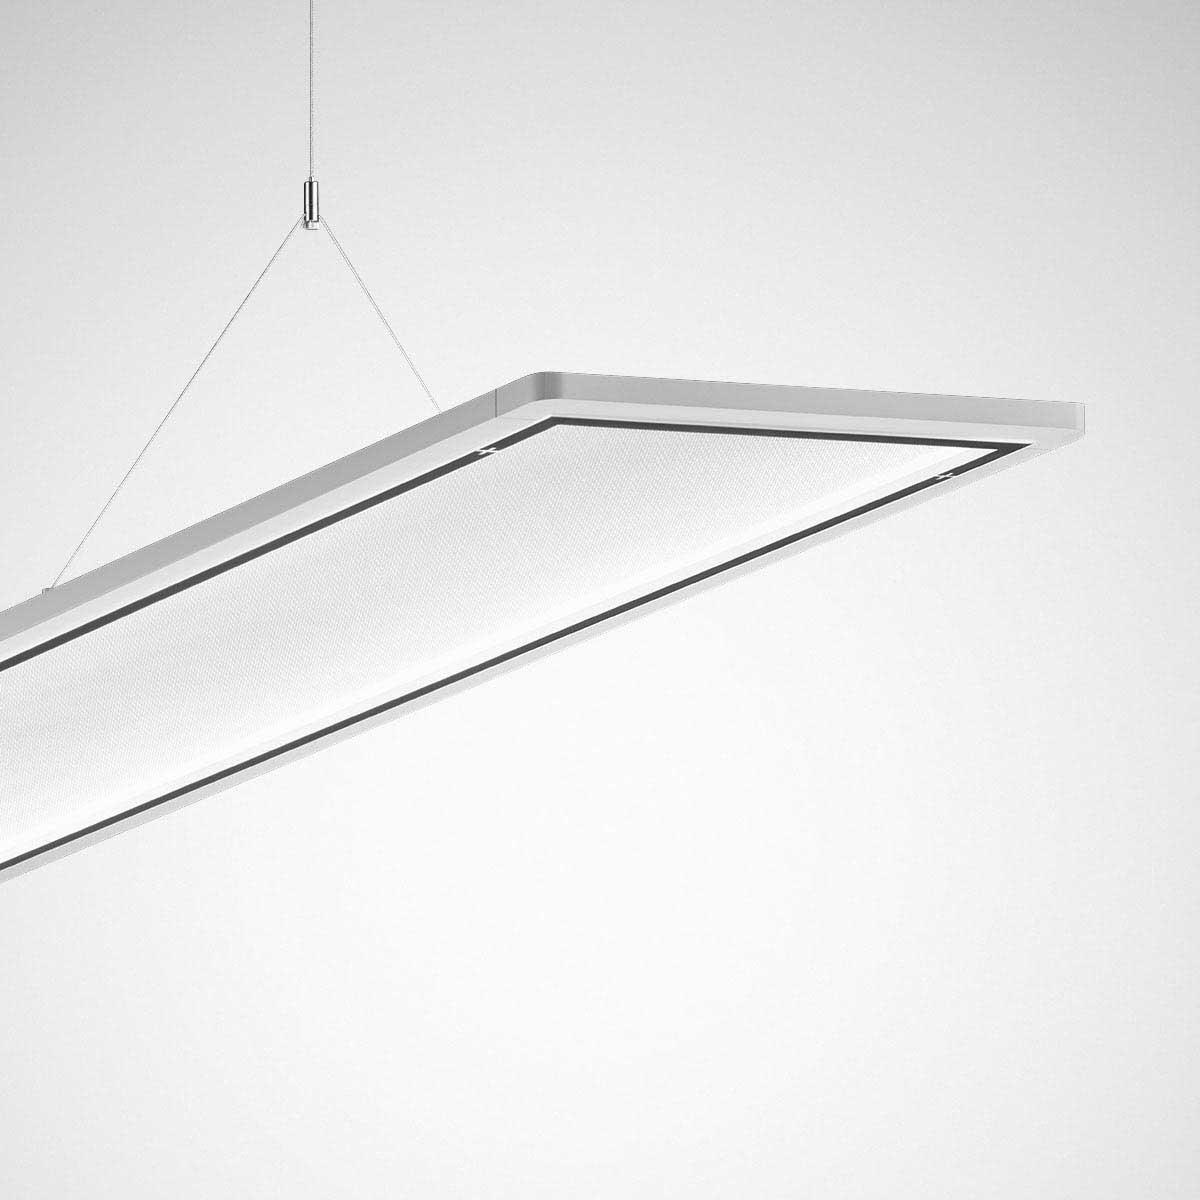 Illuminazione ufficio prezzi illuminazione ufficio led for Led lampade prezzi